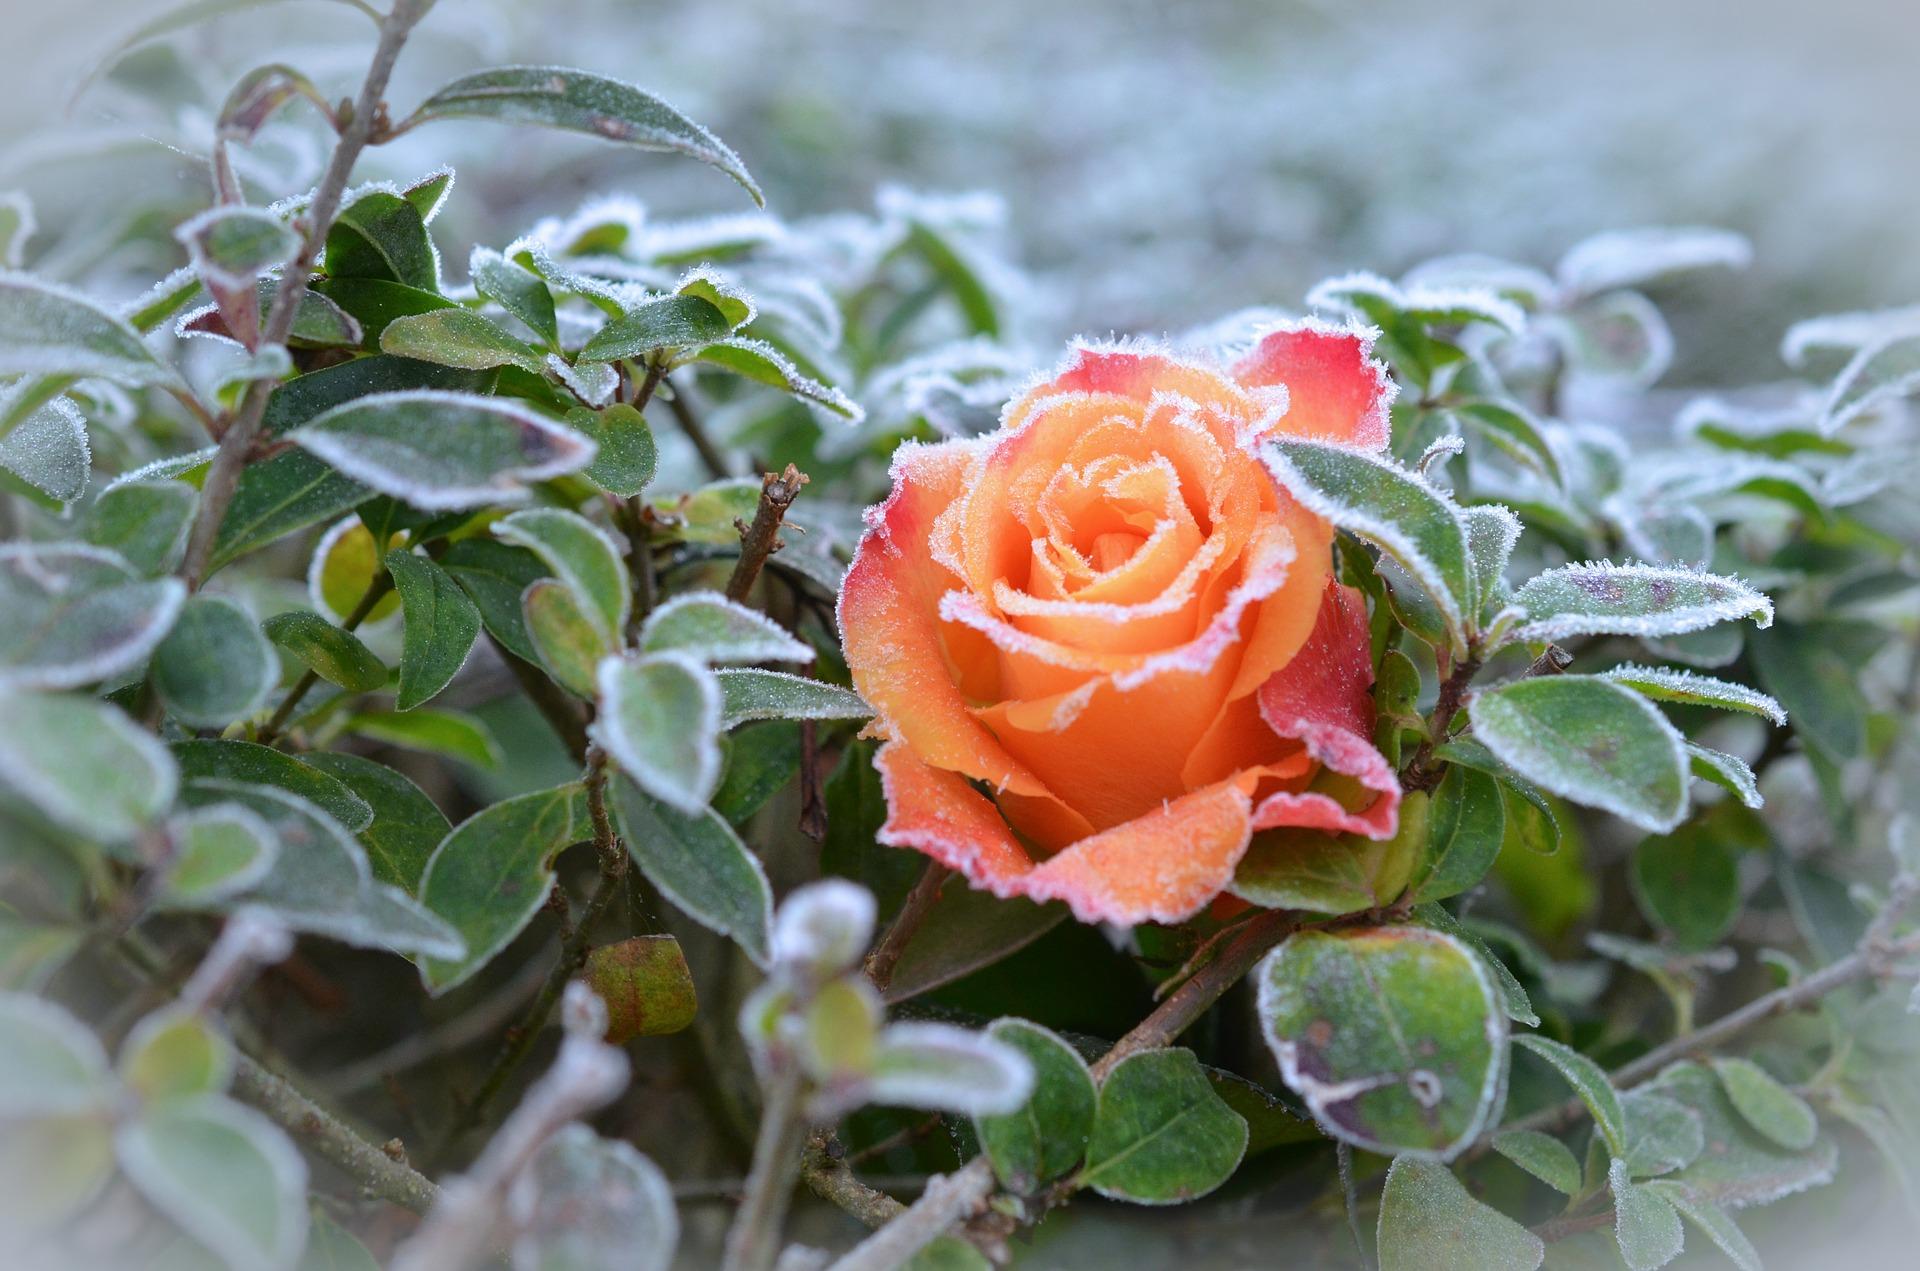 oszroniona-roza